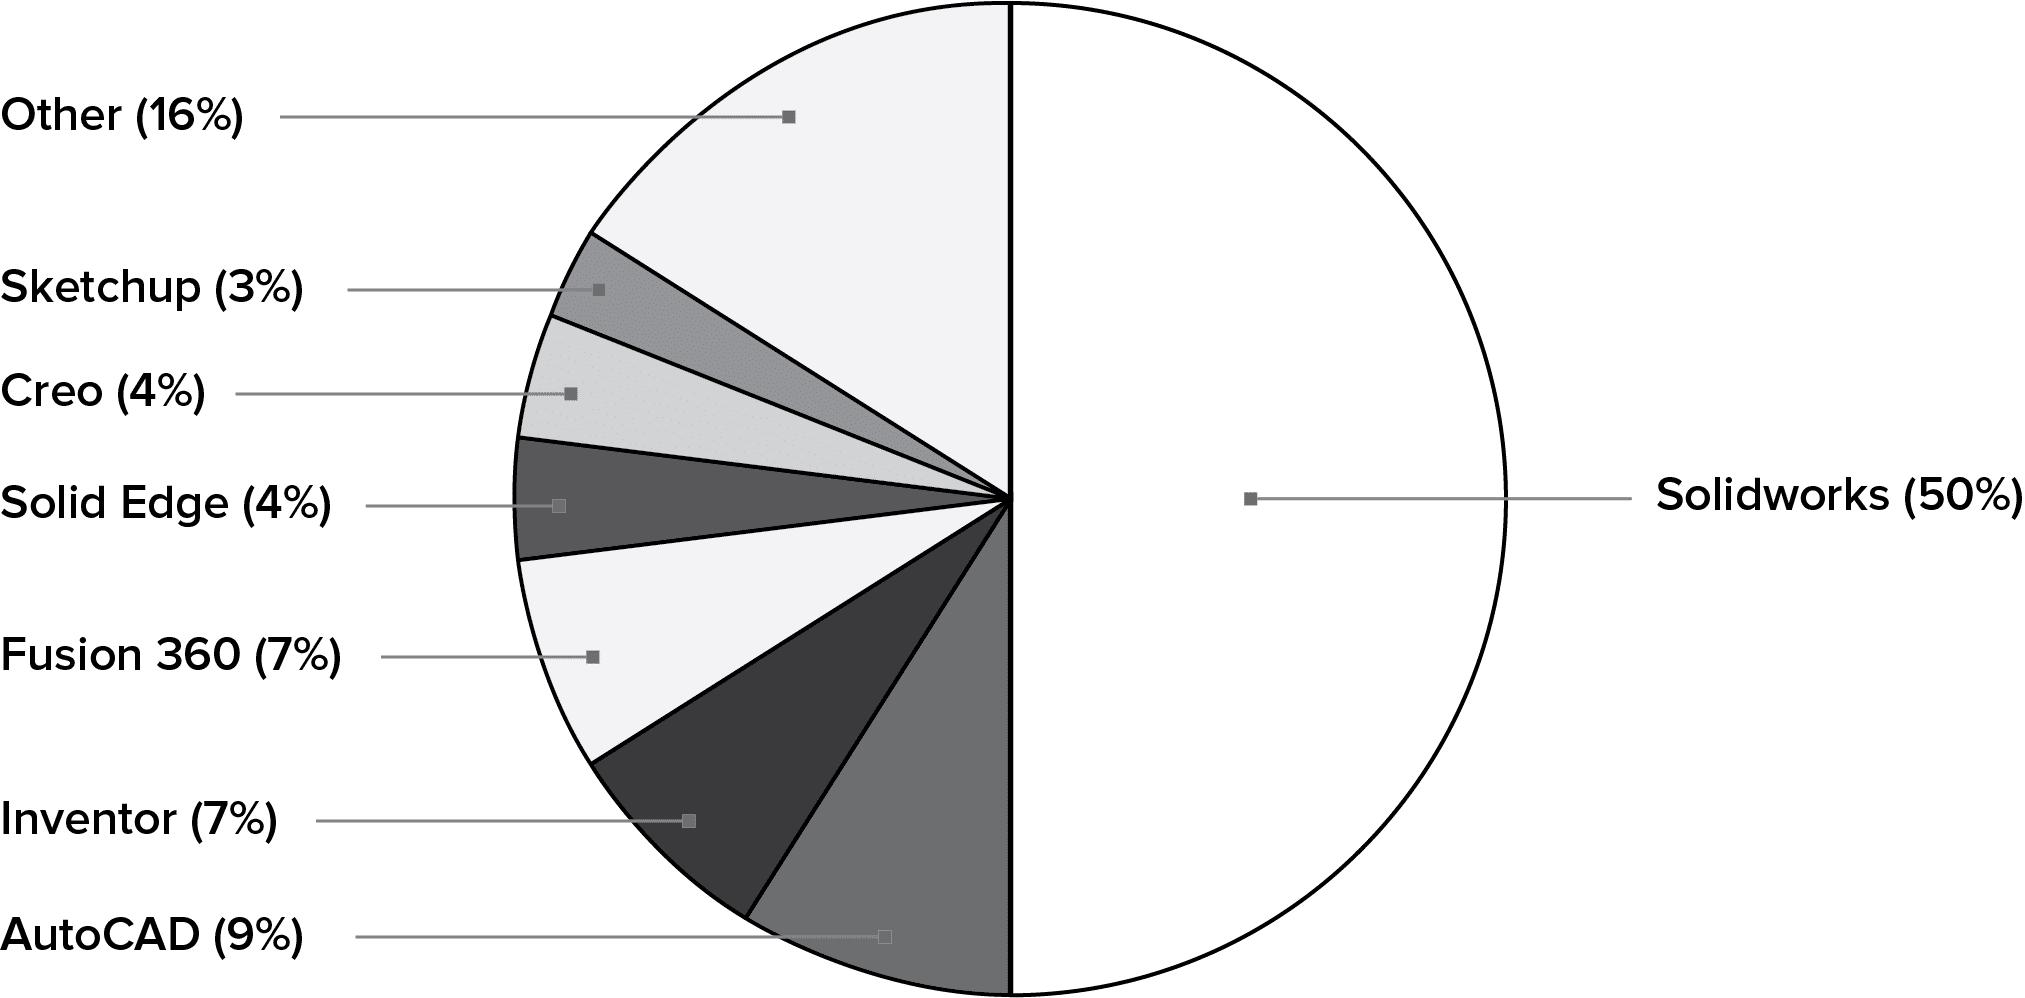 نتایج آمارگیری استفاده از نرم افزارهای مدل سازی سه بعدی توسط مهندسان